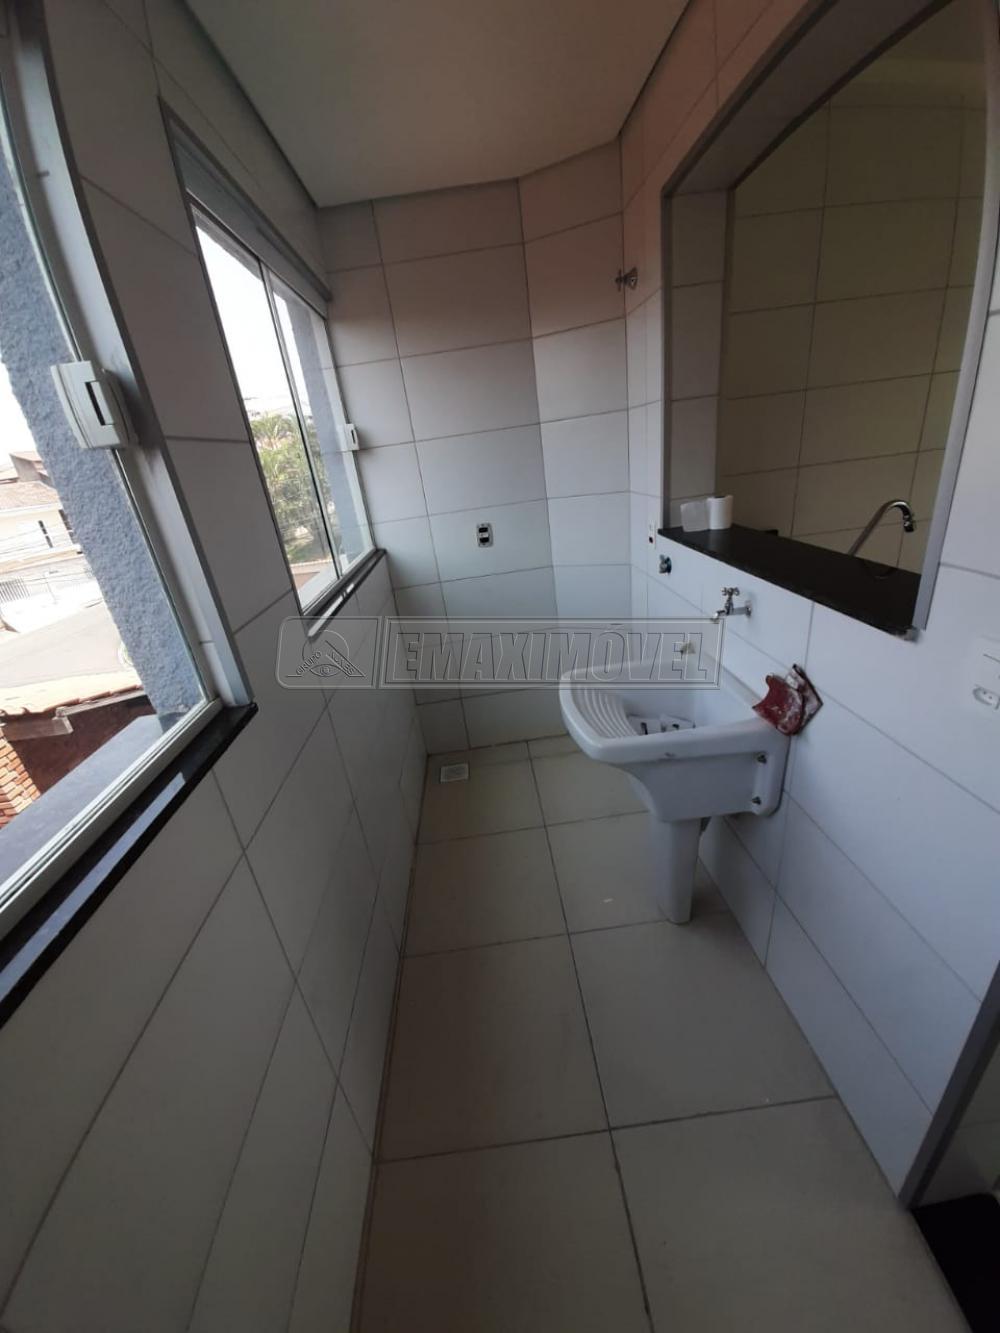 Alugar Apartamentos / Apto Padrão em Sorocaba apenas R$ 850,00 - Foto 8